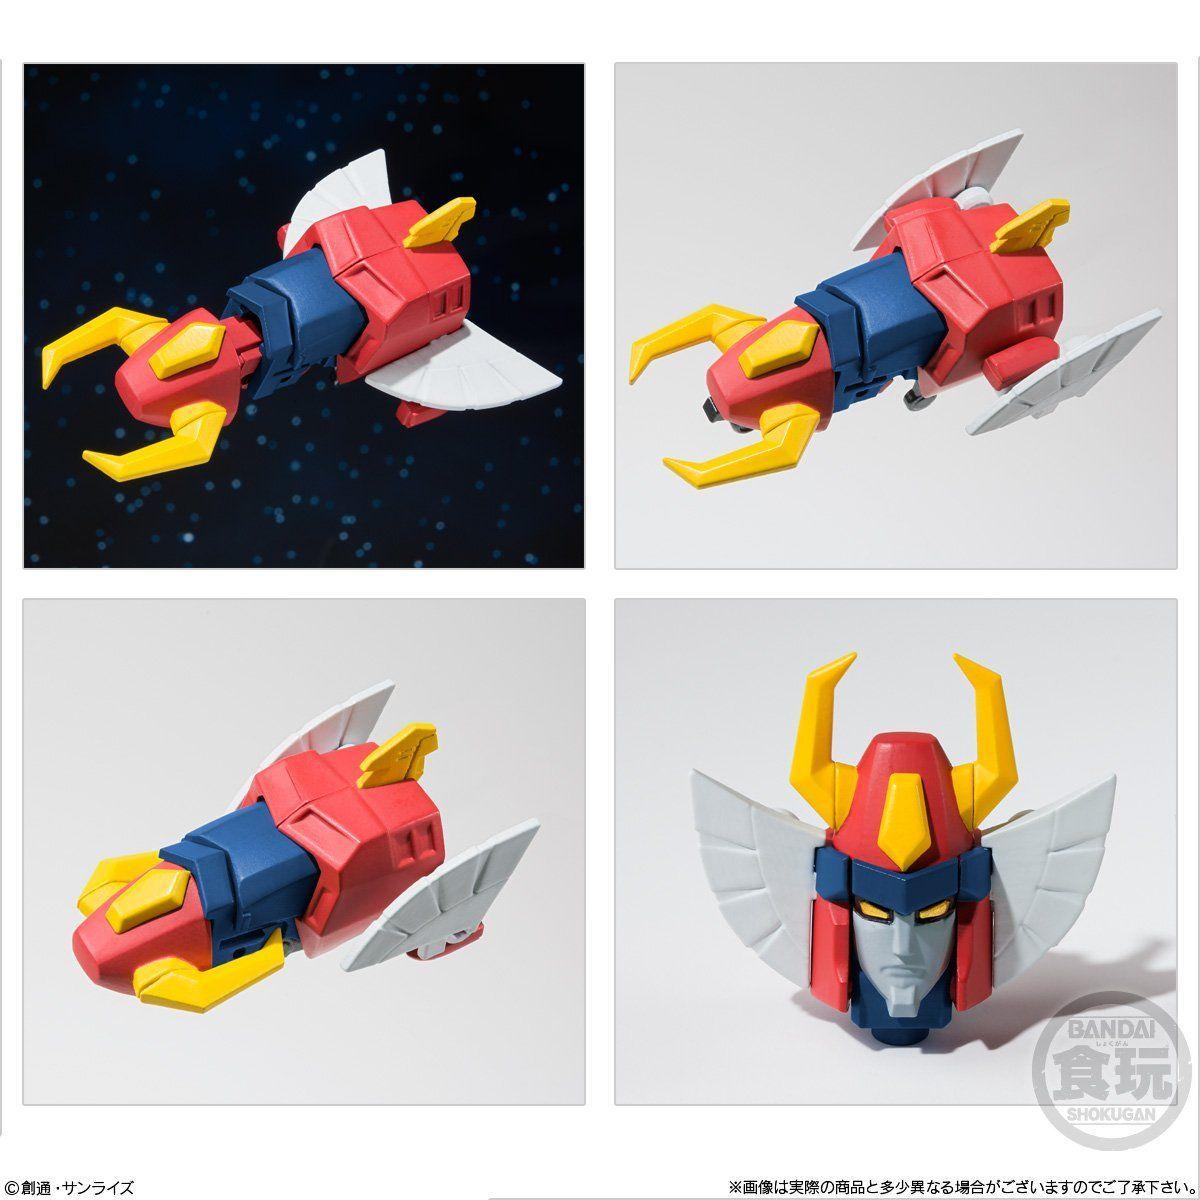 【食玩】スーパーミニプラ『無敵ロボ トライダーG7』3個入りBOX-008